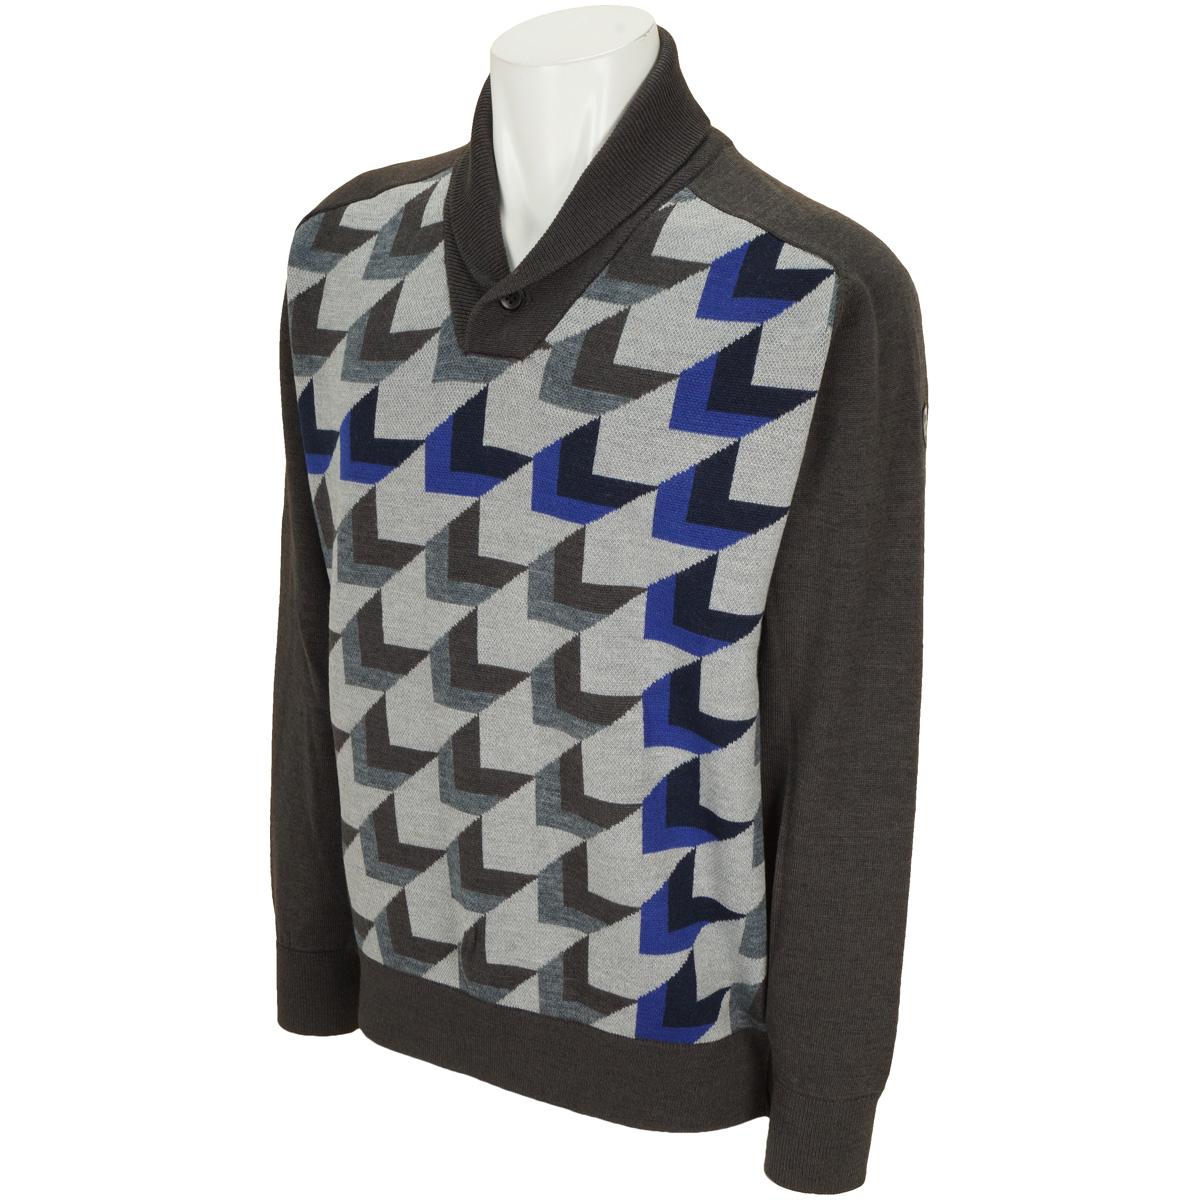 WhiteLabel 高収縮糸インターシャセーター